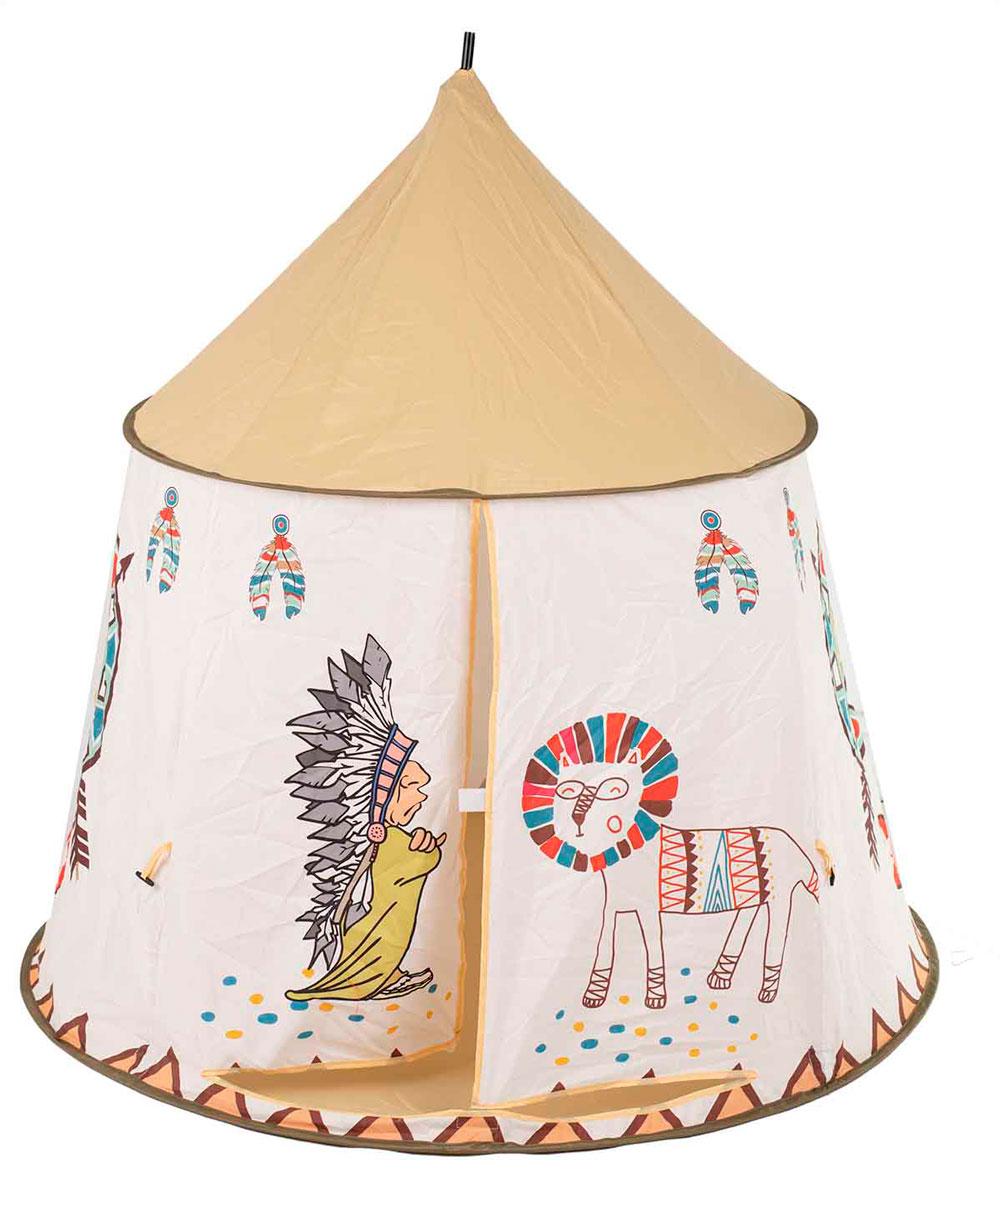 Namiot Domek dla Dzieci TIPI WIGWAM Indiański do Domu Ogrodu 110CM – VivoSklep.pl 5